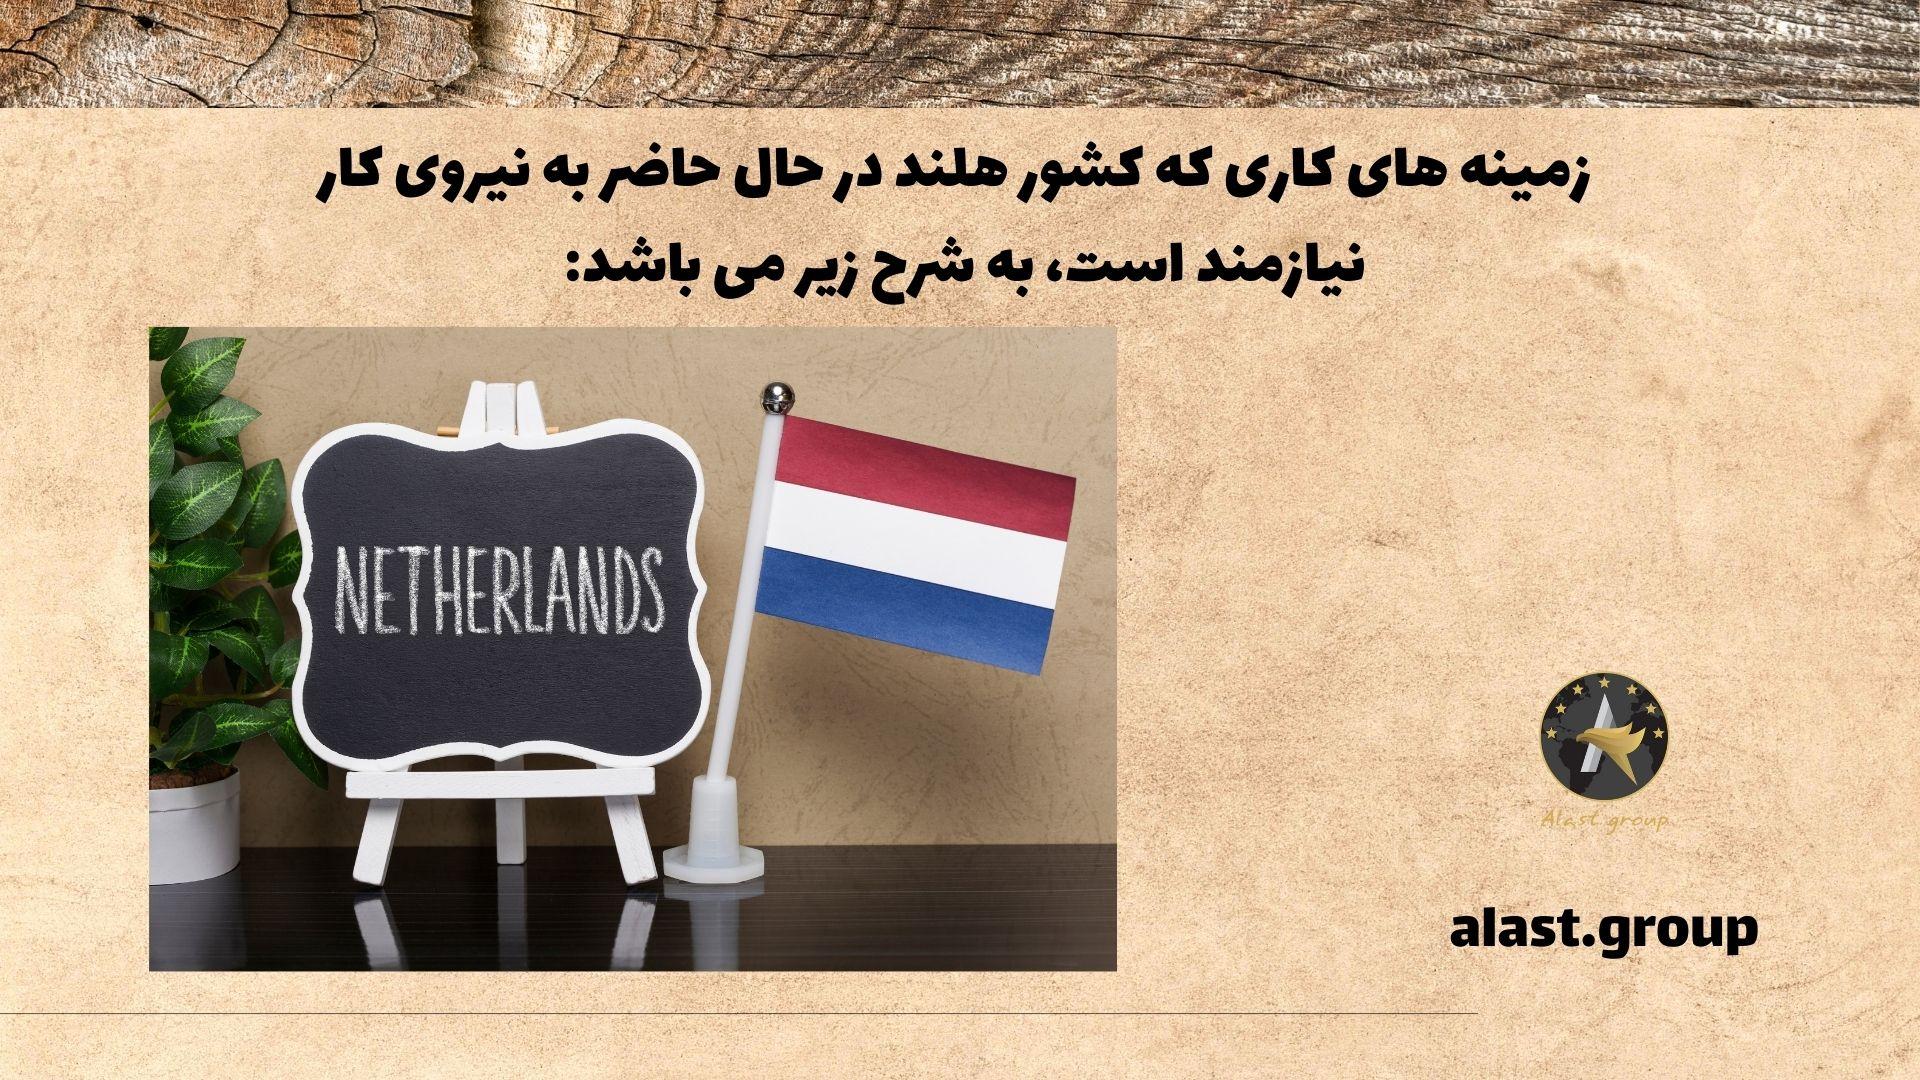 زمینه های کاری که کشور هلند در حال حاضر به نیروی کار نیازمند است، به شرح زیر می باشد: